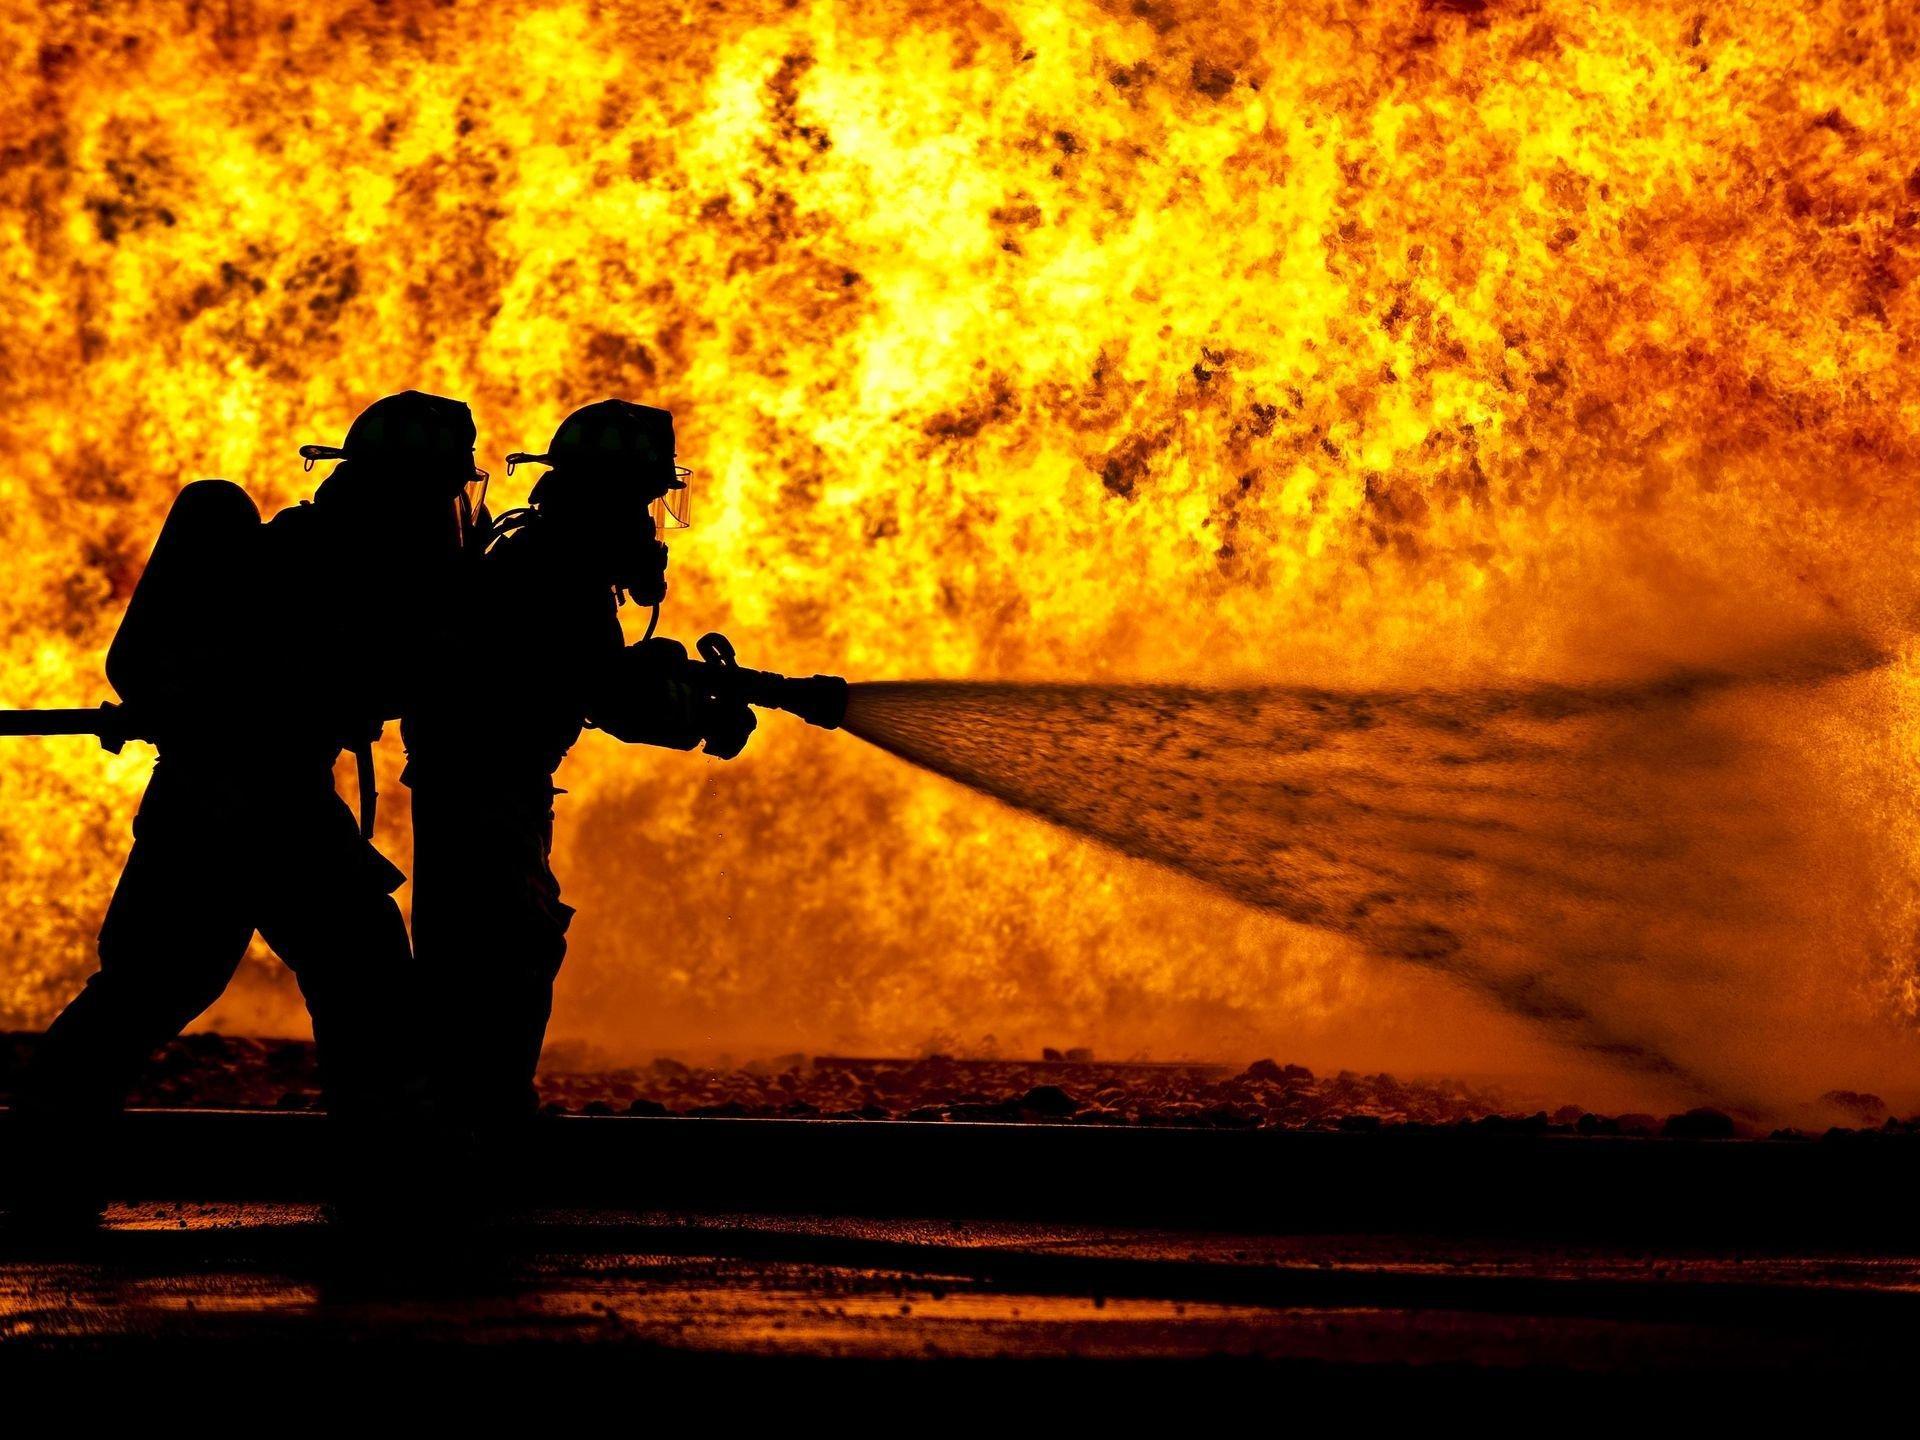 50 мер для пожарной безопасности загородного дома